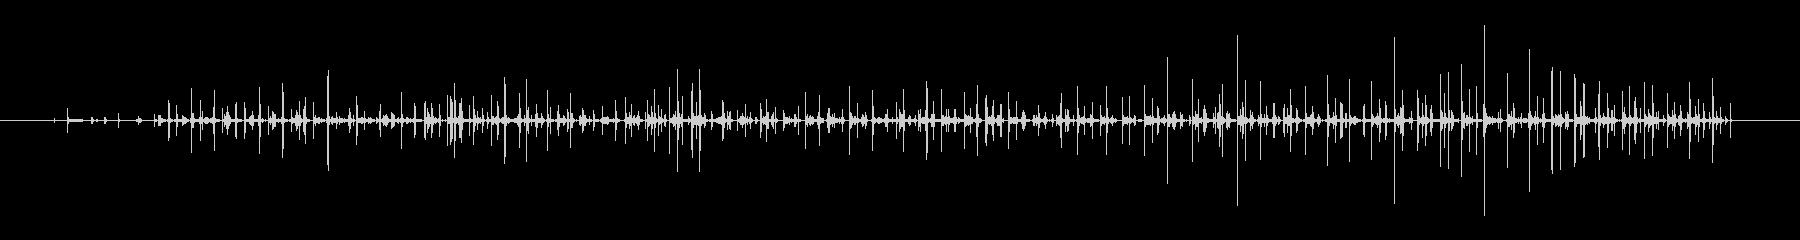 菜ばしでかき混ぜる音(料理/調理)の未再生の波形